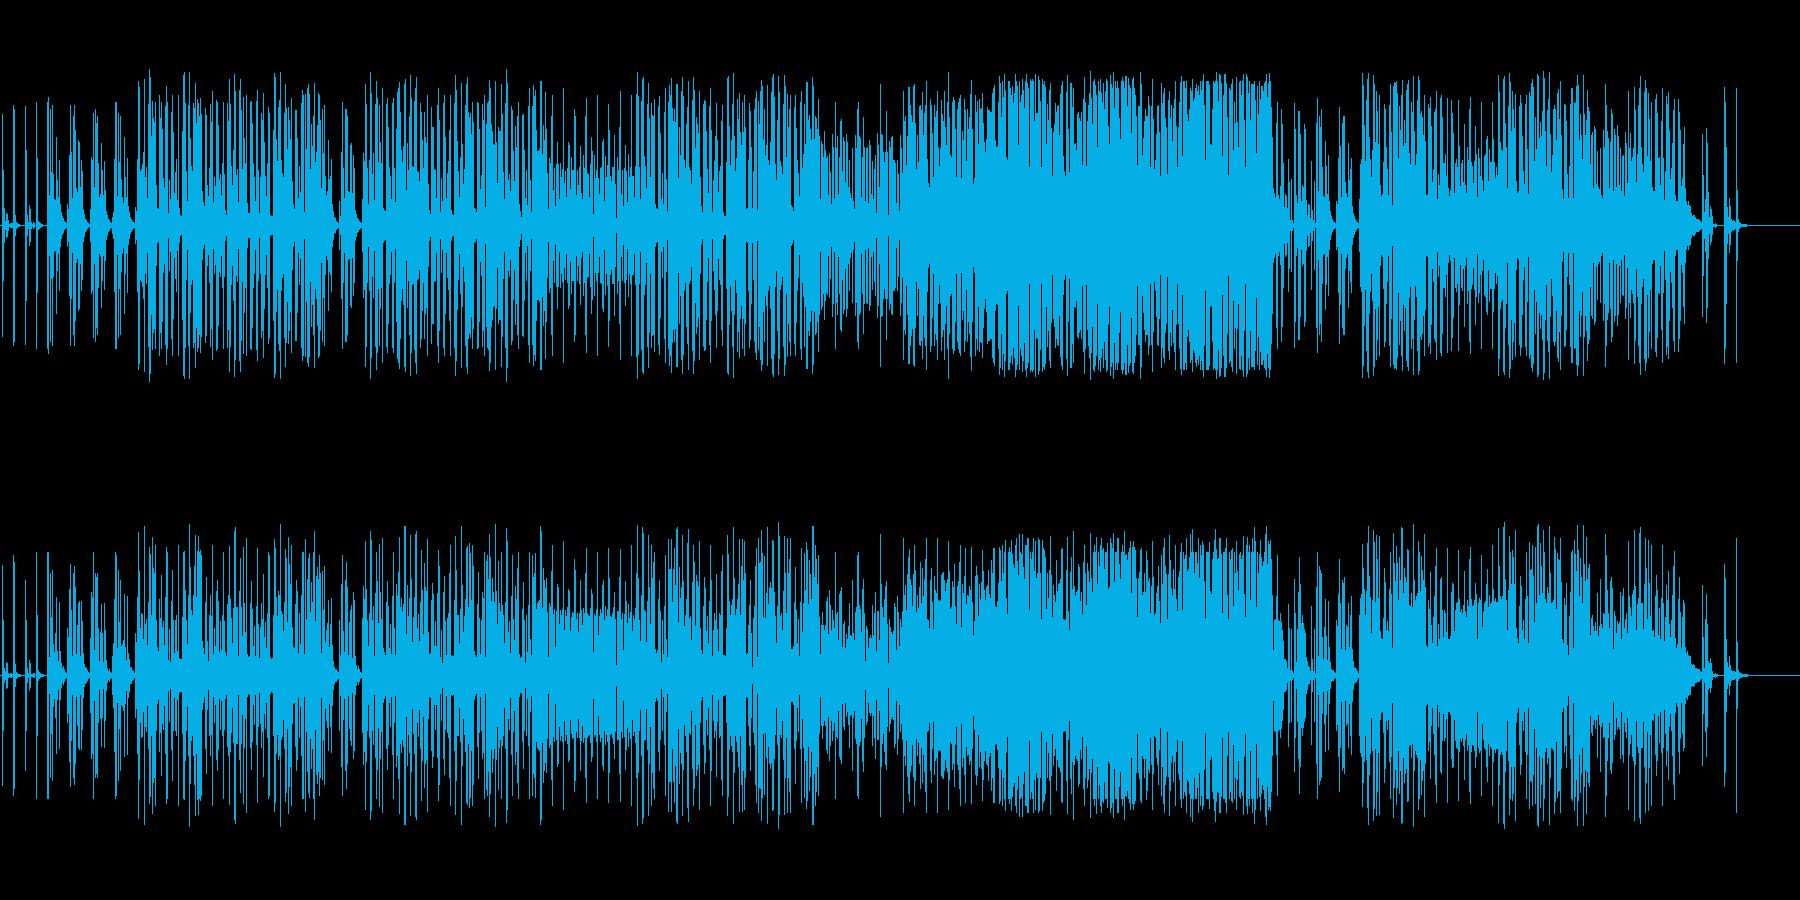 明るいシンセミニマルにピアノのメロディの再生済みの波形